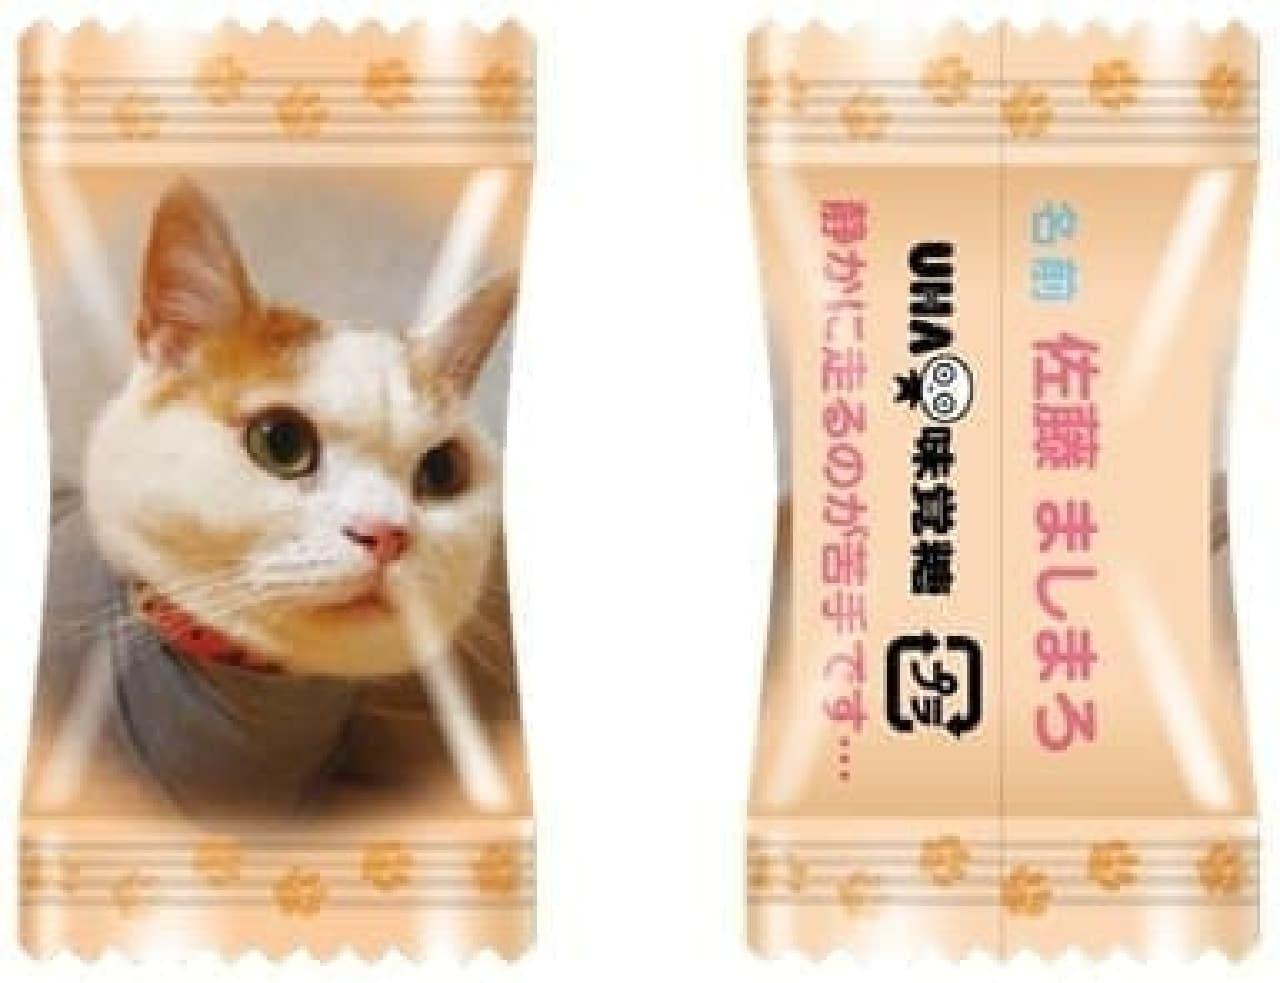 UHA味覚糖「にゃんコレ」